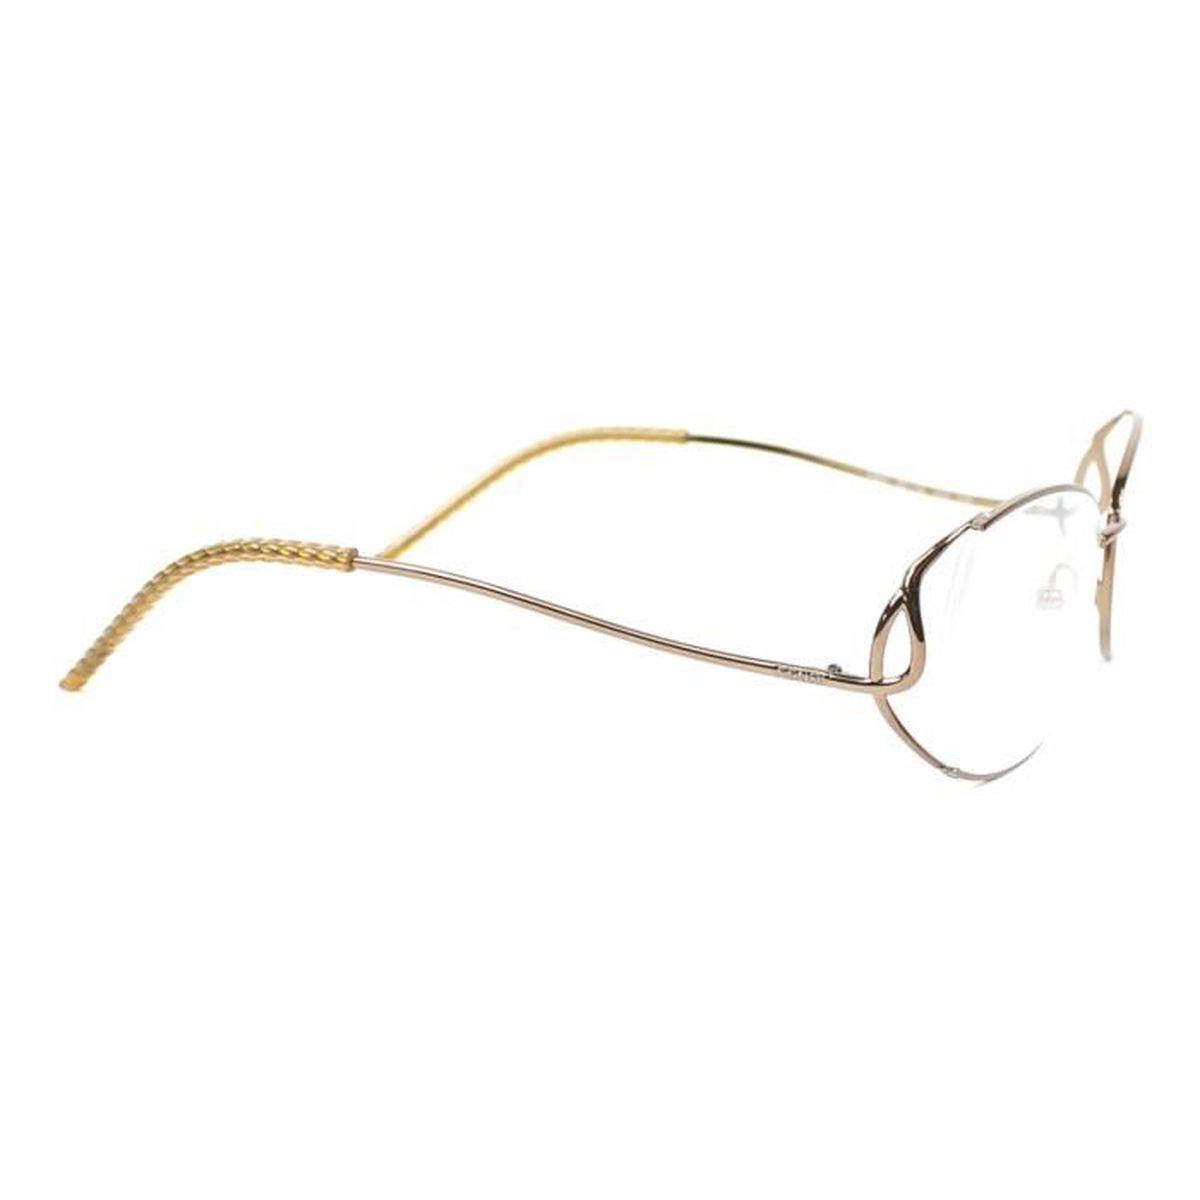 Lunettes de vue Fendi F902 -210 Marron - Achat   Vente lunettes de vue  Lunettes de vue Fendi F902 Femme Adulte Marron - Soldes  dès le 9 janvier !  Cdiscoun 22bebe87c0cb